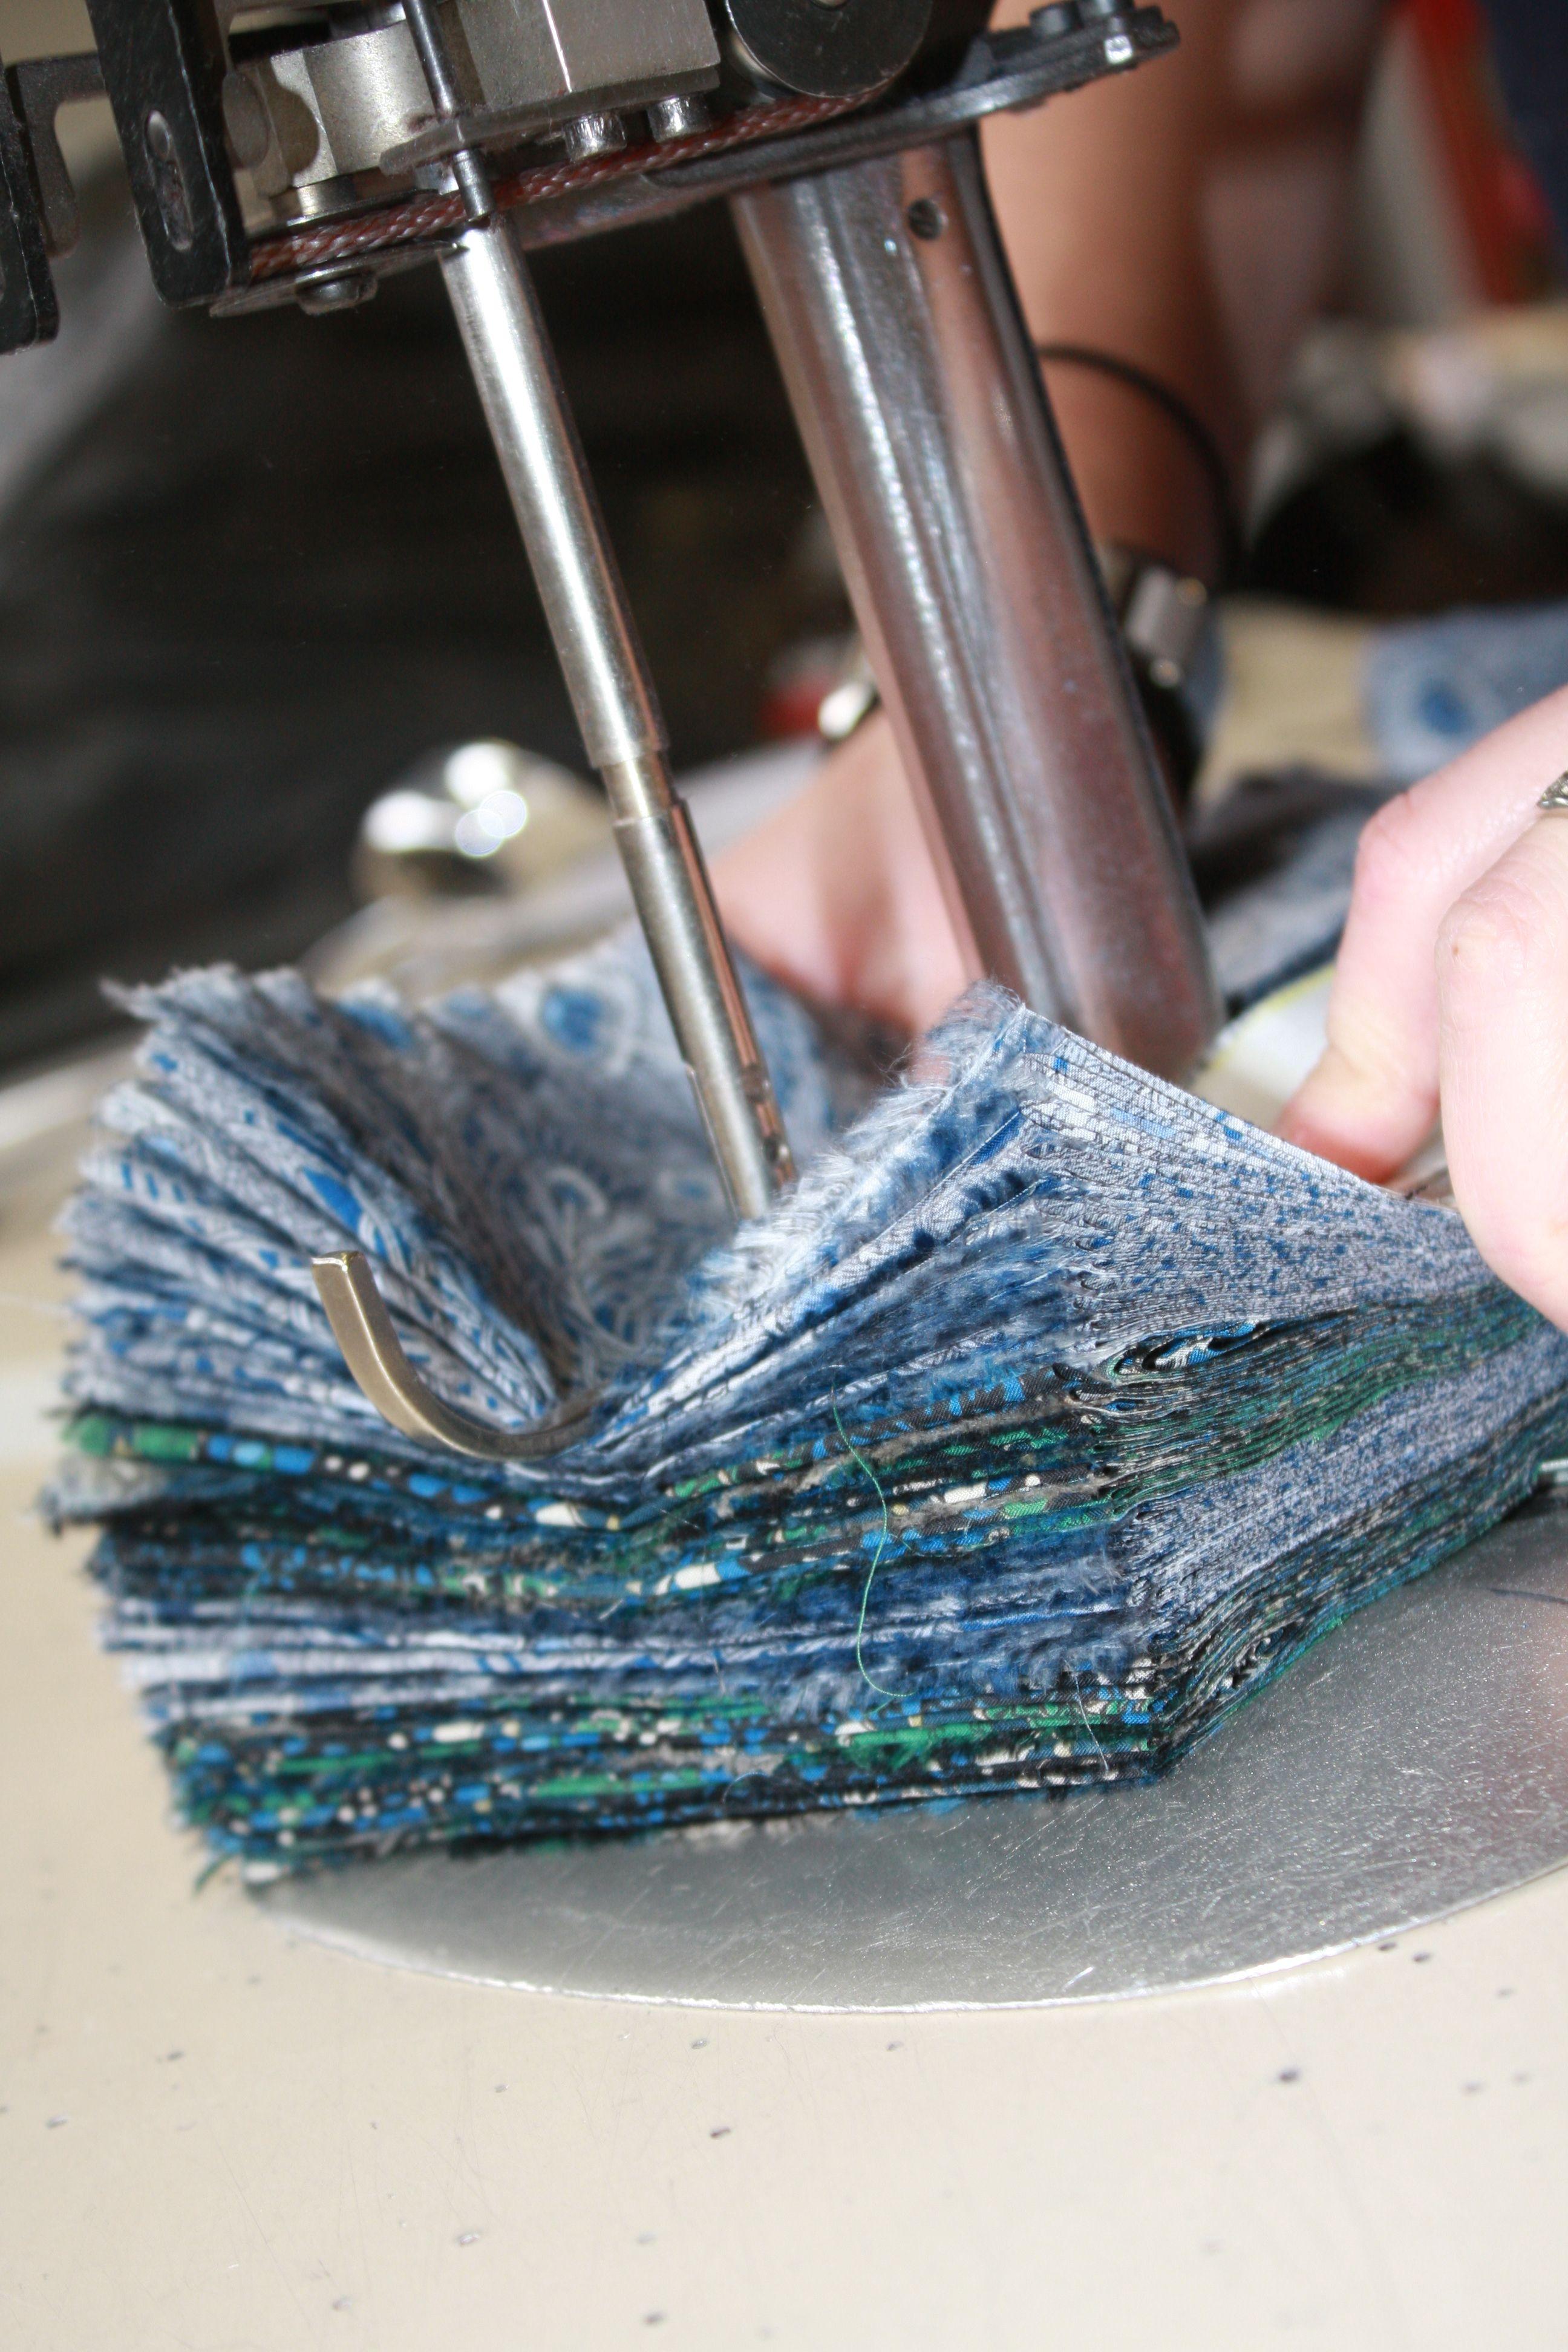 Chaque modèle est coupé avec soin selon la taille choisie et le tout est fait en France. Soutenez ce projet créatif et Made in France sur Kiss Kiss Bank Bank!  http://www.kisskissbankbank.com/fr/projects/eglantine-et-zoe-kits-de-vetements-prets-a-coudre  #eglantineetzoe #pretacoudre #france #madeinfrance #box #fashionbox #fashion #vetements #sewing #couture #fabric #premices #diy